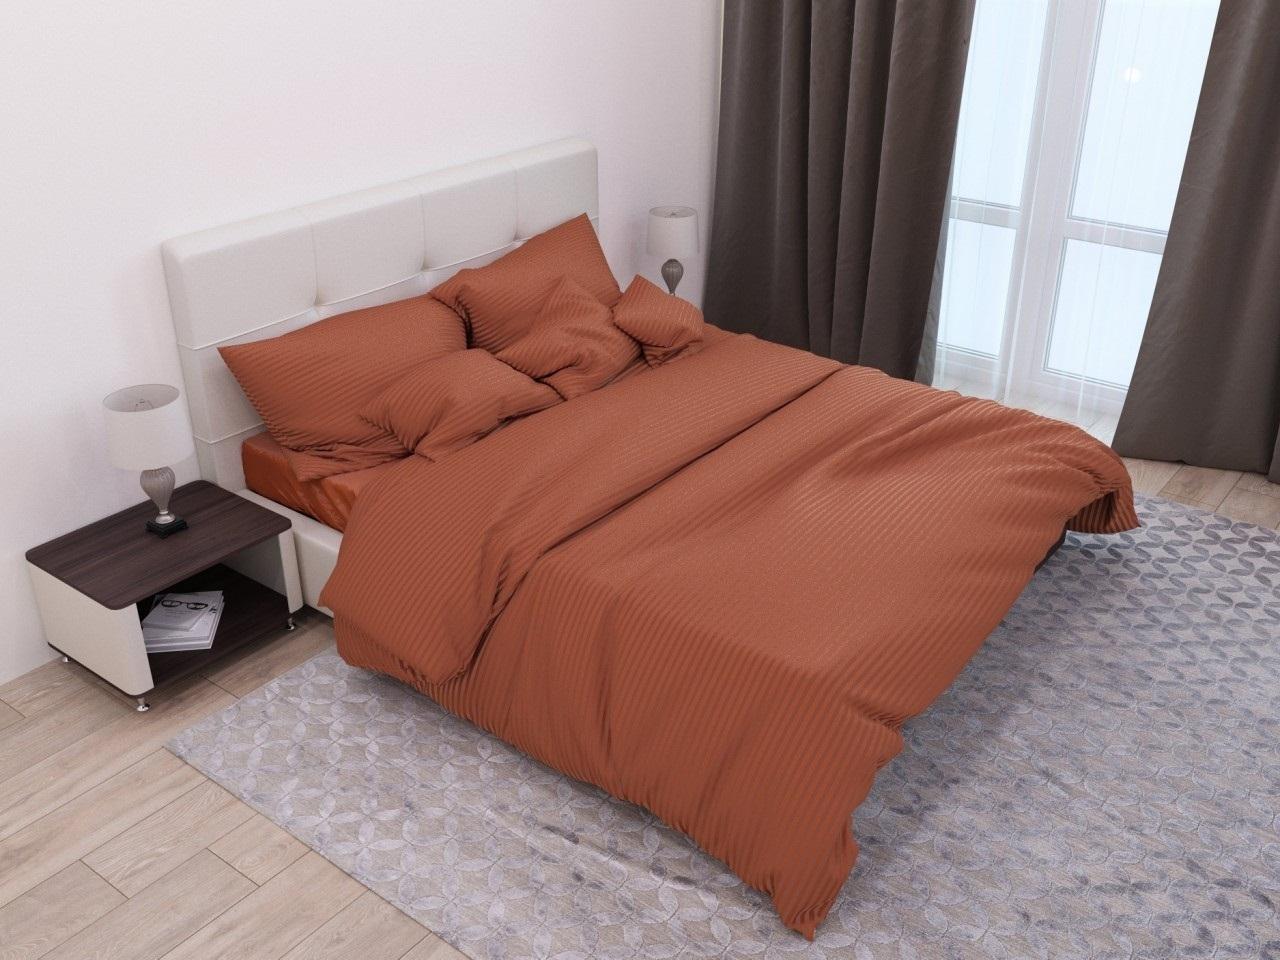 комплект постельного белья страйп-сатин ОСС-1340